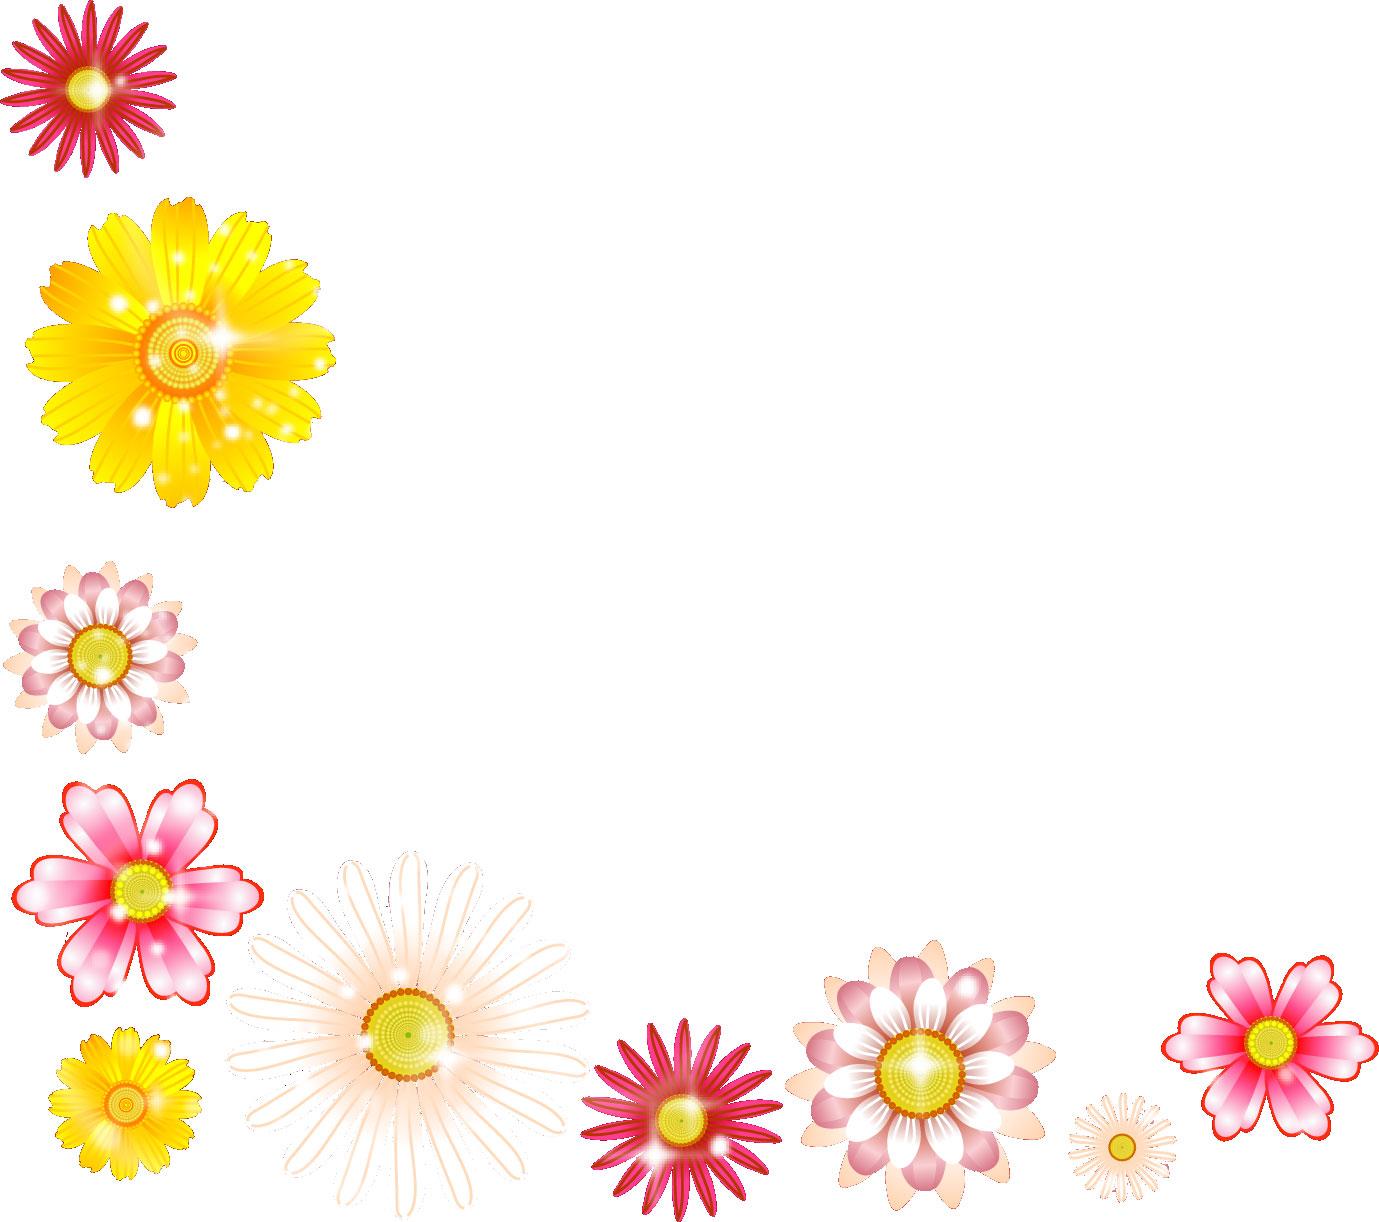 花のイラストフリー素材コーナーライン角 No062キラキラ光源